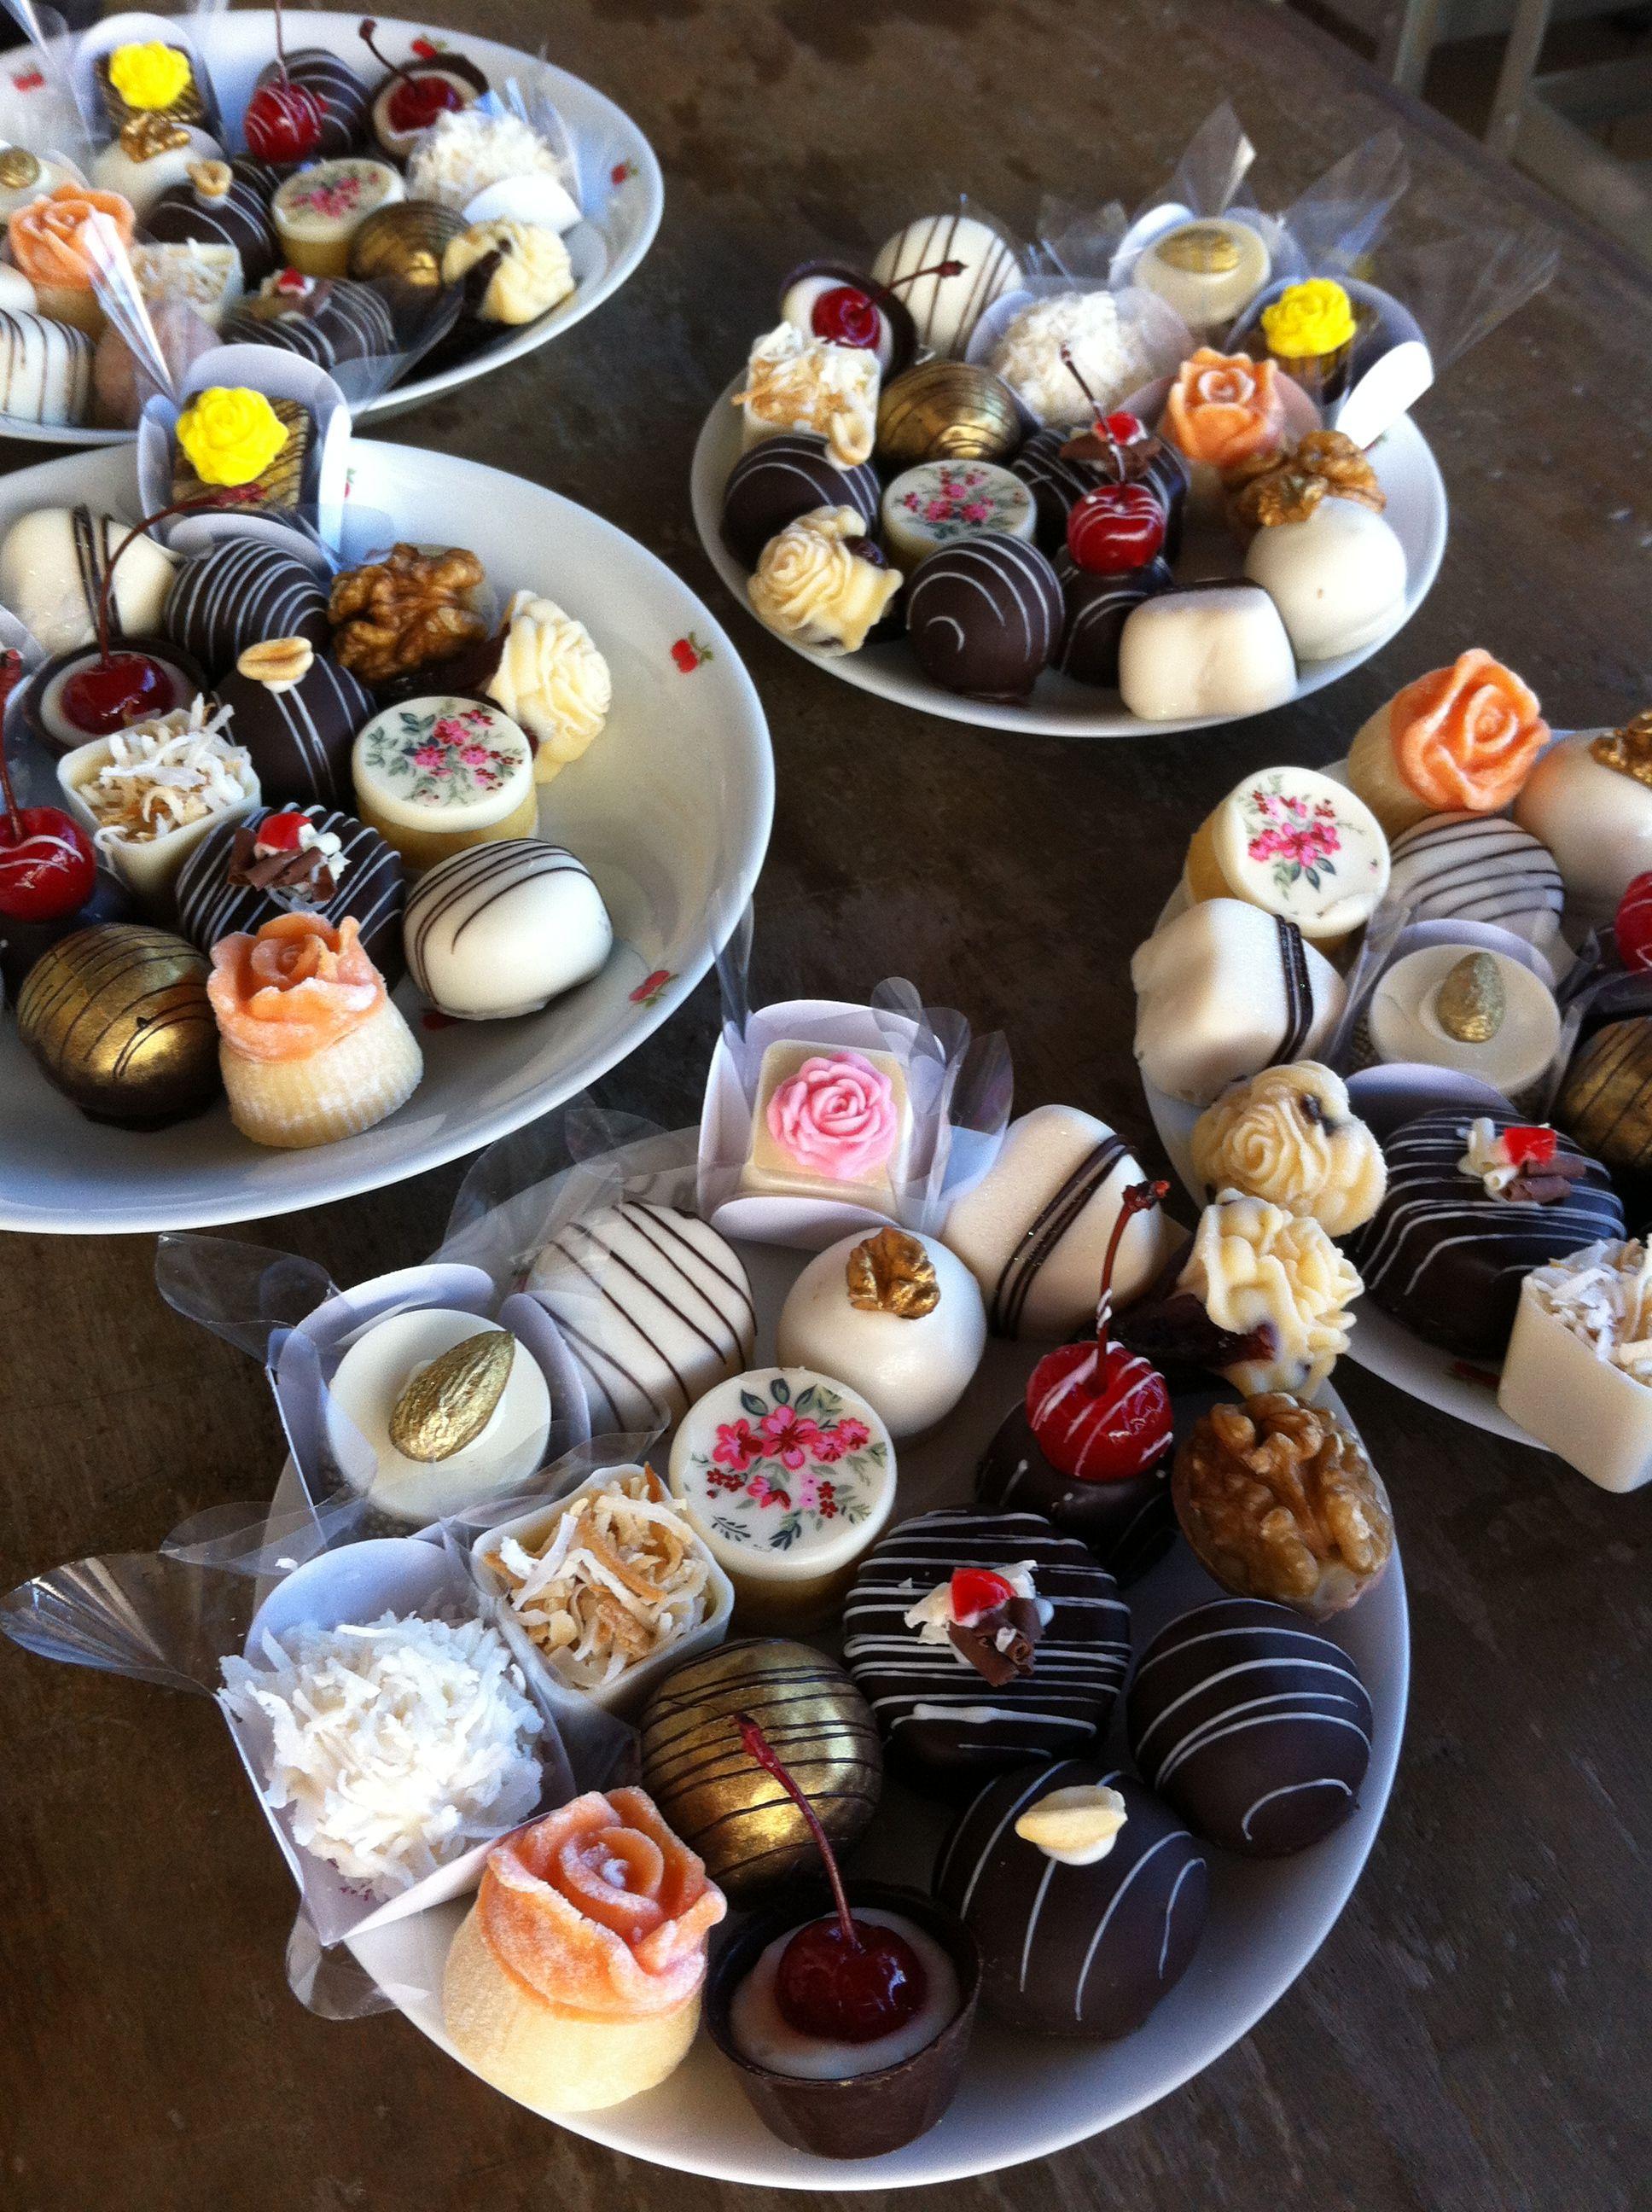 Dia de degustação para as noivas com deliciosos doces finos.